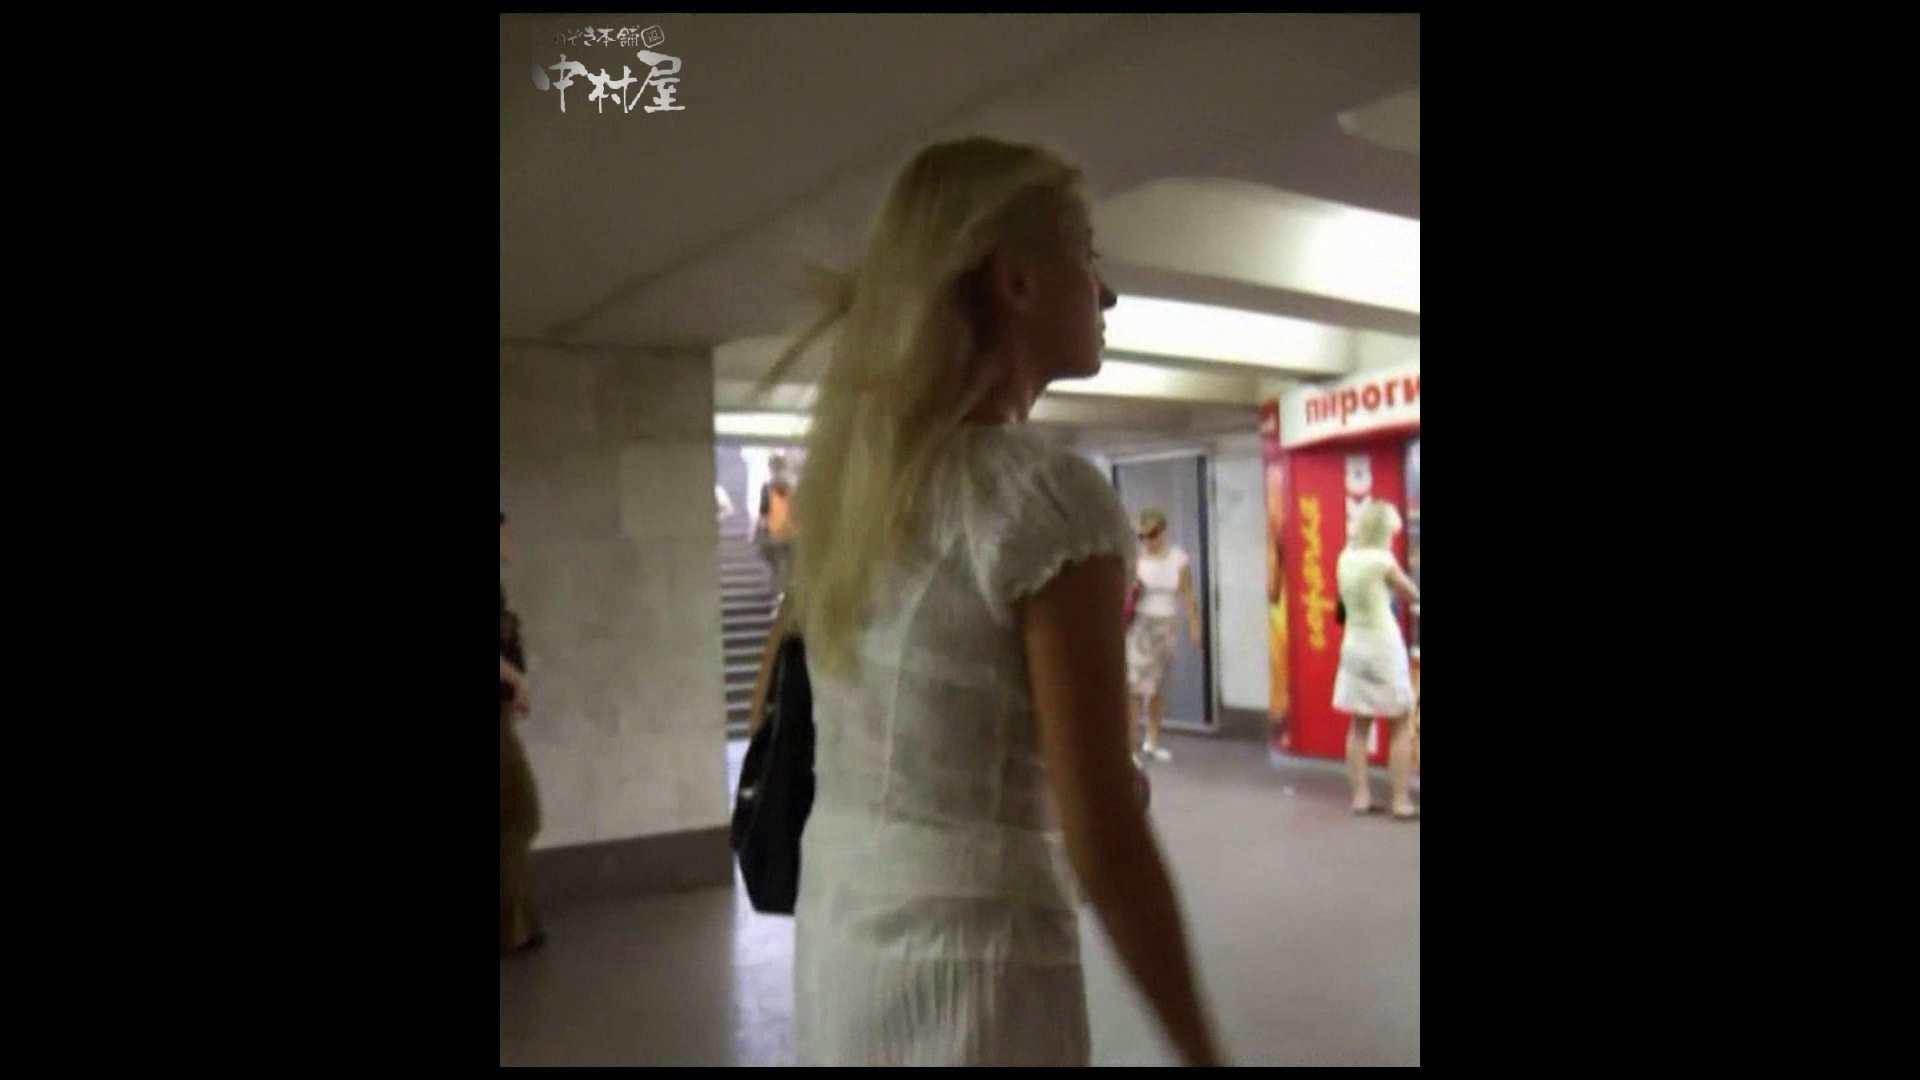 綺麗なモデルさんのスカート捲っちゃおう‼ vol14 0  52連発 24